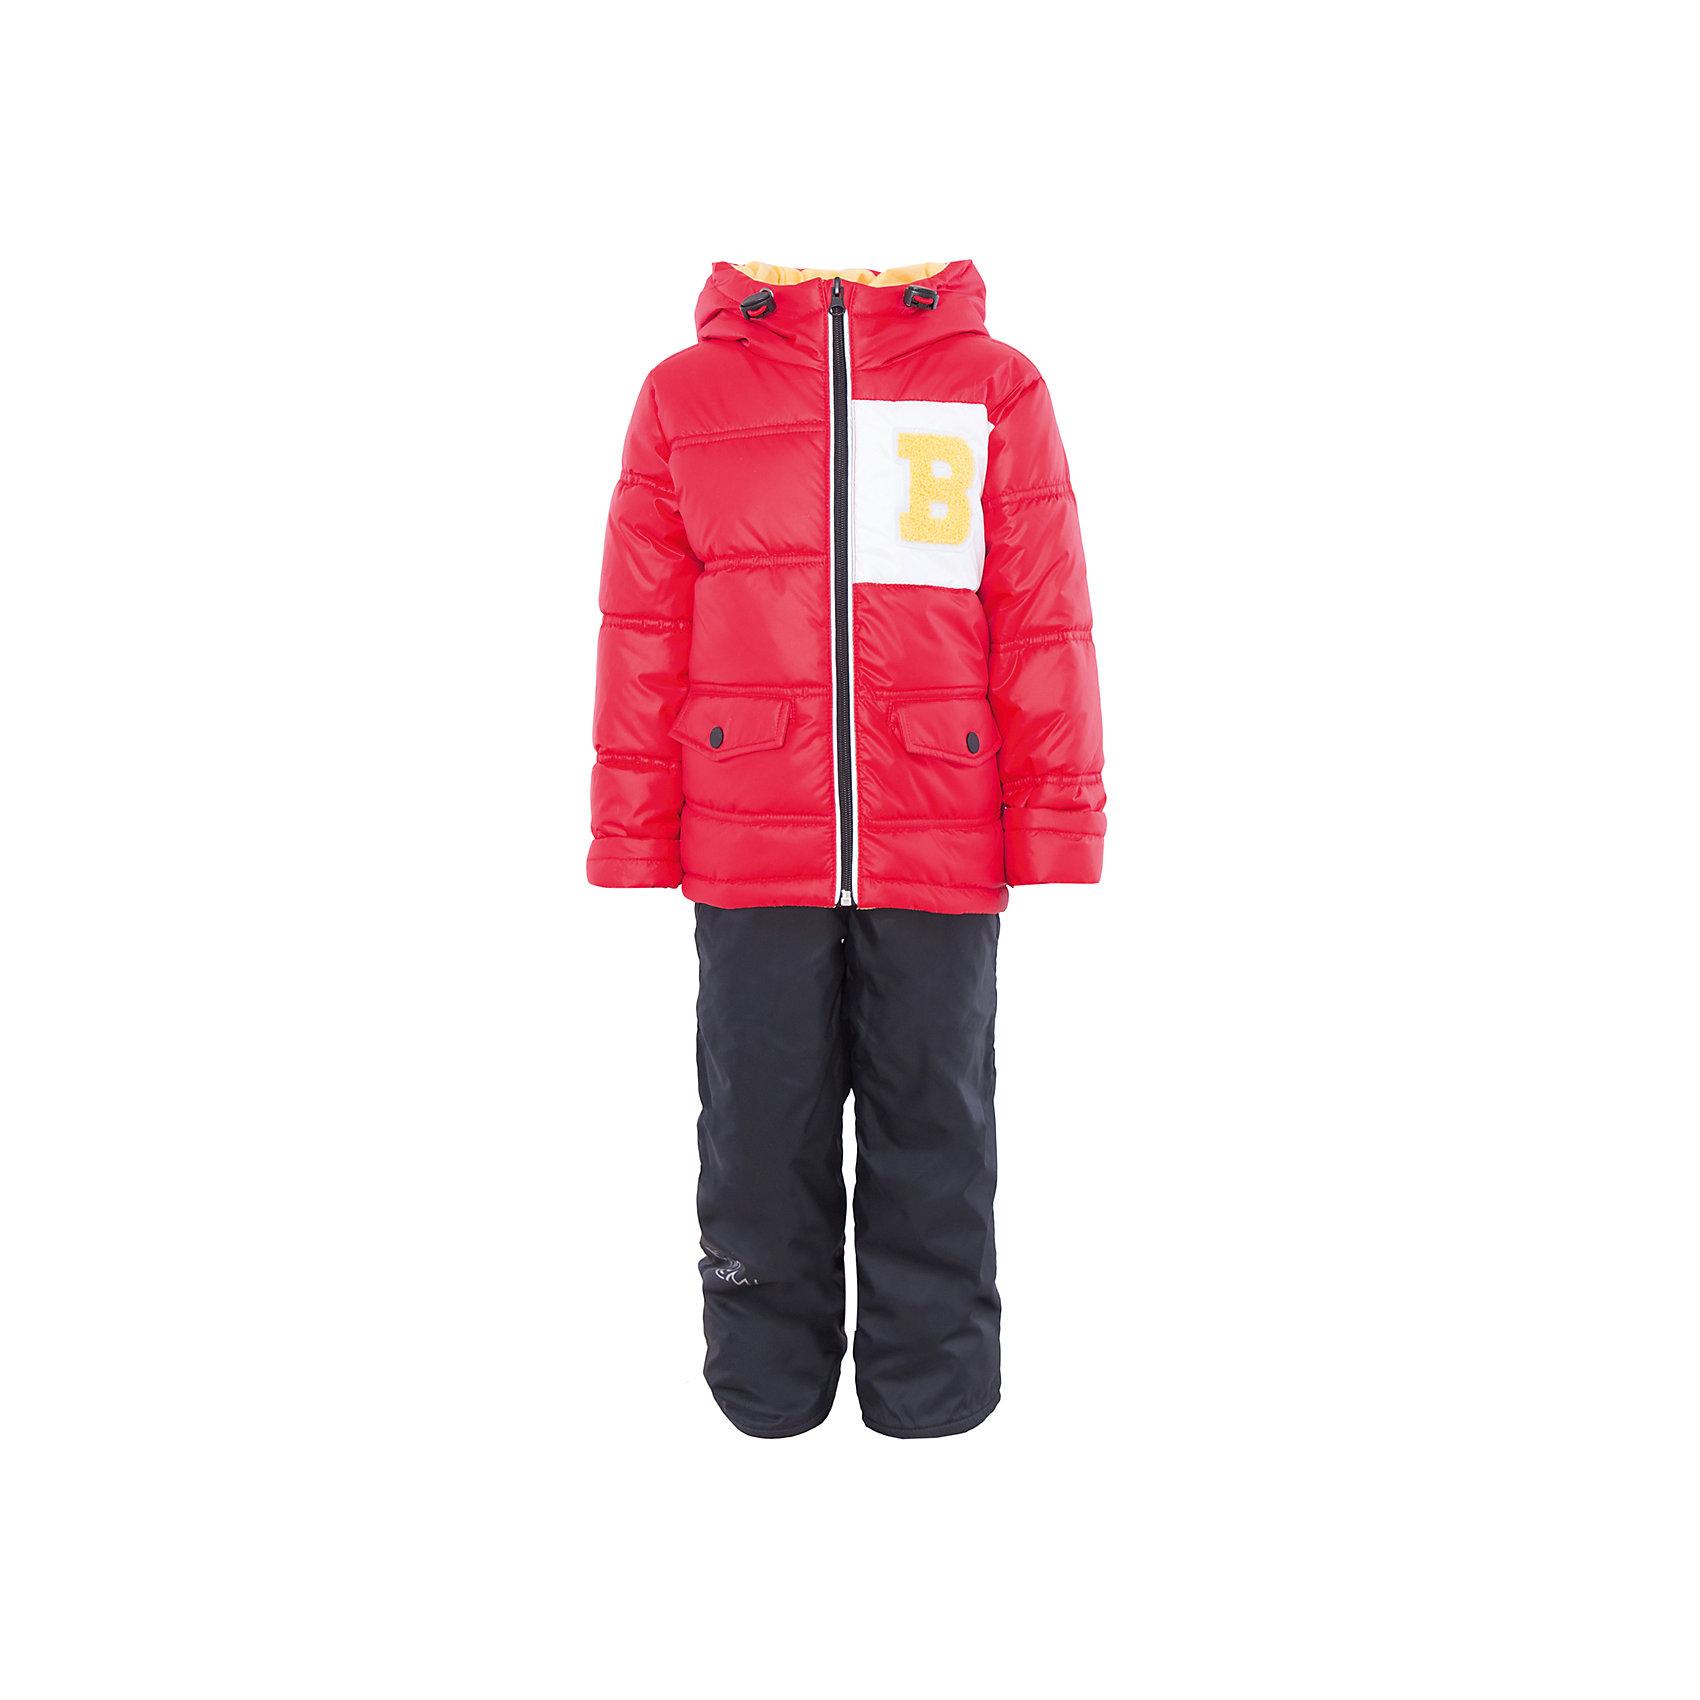 Комплект для мальчика BOOM by OrbyВерхняя одежда<br>Характеристики товара:<br><br>• цвет: красный/тёмно-синий<br>• состав: <br>курточка: верх - болонь, подкладка - поликоттон, полиэстер, утеплитель: эко-синтепон 150 г/м2<br>брюки: верх - таффета, подкладка - флис<br>• комплектация: куртка, брюки<br>• температурный режим: от -5 С° до +10 С° <br>• капюшон с утяжкой, не отстёгивается<br>• из практичной ткани<br>• застежка - молния<br>• куртка декорирована нашивкой<br>• отвороты помогают заметно трансформировать размер<br>• комфортная посадка<br>• страна производства: Российская Федерация<br>• страна бренда: Российская Федерация<br>• коллекция: весна-лето 2017<br><br>Такой комплект - универсальный вариант для межсезонья с постоянно меняющейся погодой. Эта модель - модная и удобная одновременно! Изделие отличается стильным ярким дизайном. Куртка и брюки хорошо сидят по фигуре, отлично сочетается с различной обувью. Модель была разработана специально для детей.<br><br>Одежда от российского бренда BOOM by Orby уже завоевала популярностью у многих детей и их родителей. Вещи, выпускаемые компанией, качественные, продуманные и очень удобные. Для производства коллекций используются только безопасные для детей материалы. Спешите приобрести модели из новой коллекции Весна-лето 2017! <br><br>Комплект для мальчика от бренда BOOM by Orby можно купить в нашем интернет-магазине.<br><br>Ширина мм: 356<br>Глубина мм: 10<br>Высота мм: 245<br>Вес г: 519<br>Цвет: красный<br>Возраст от месяцев: 72<br>Возраст до месяцев: 84<br>Пол: Мужской<br>Возраст: Детский<br>Размер: 122,86,104,92,98,110,116<br>SKU: 5342619